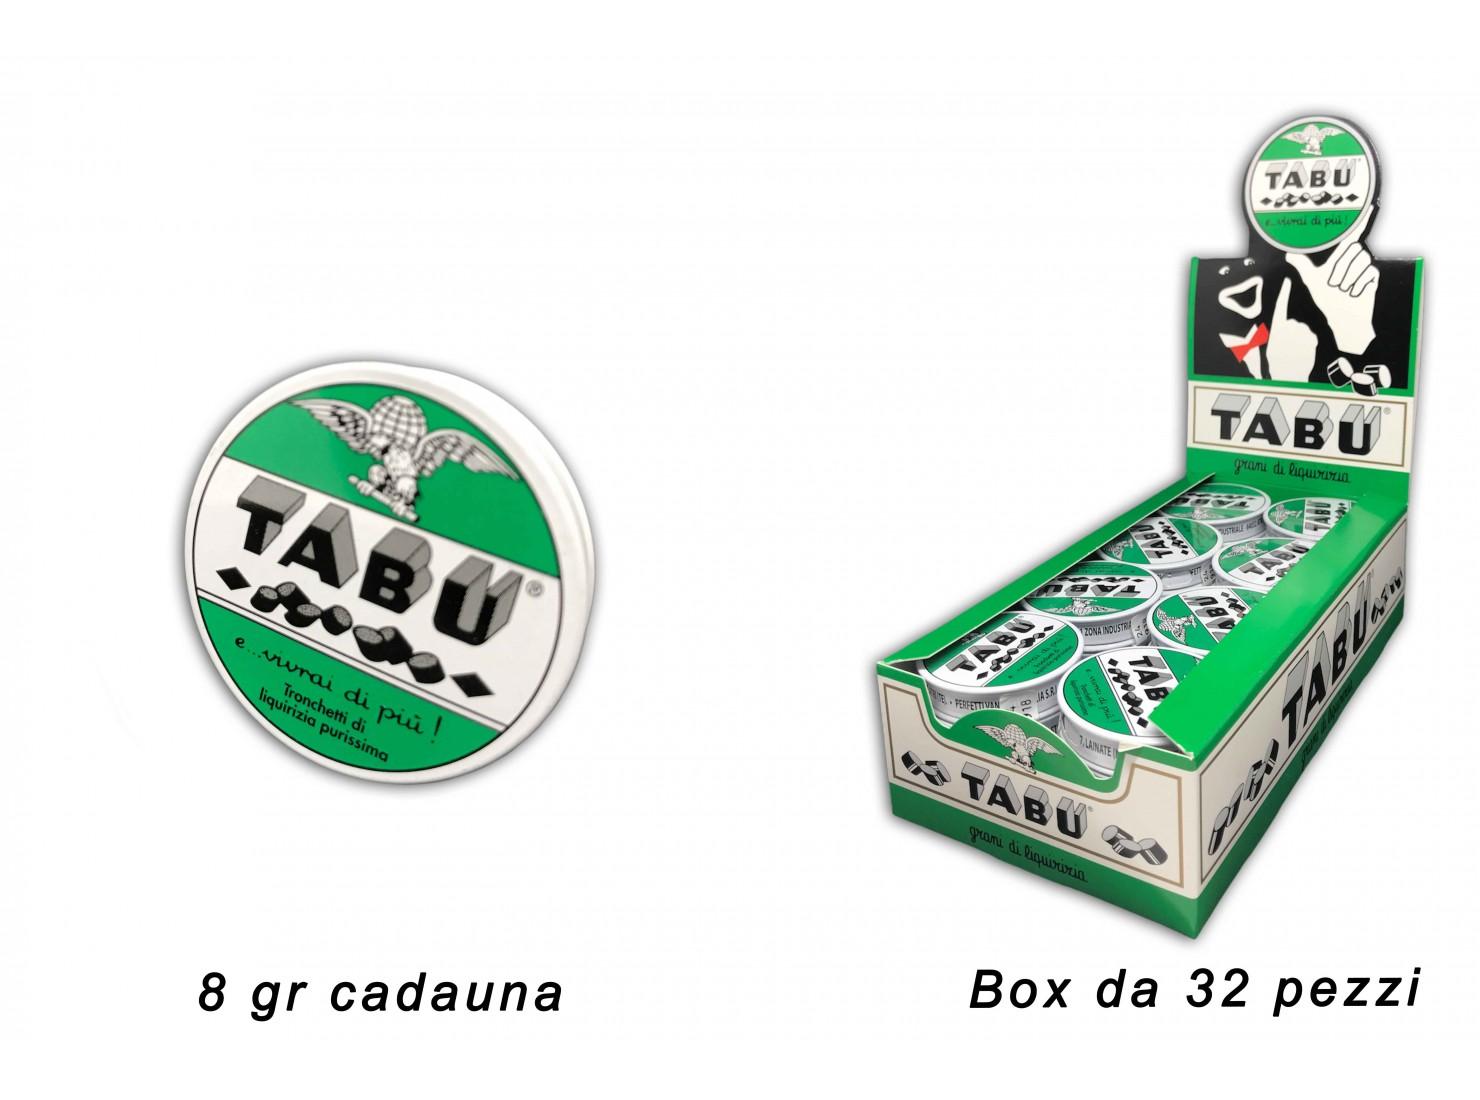 TABU' LIQUIRIZIA